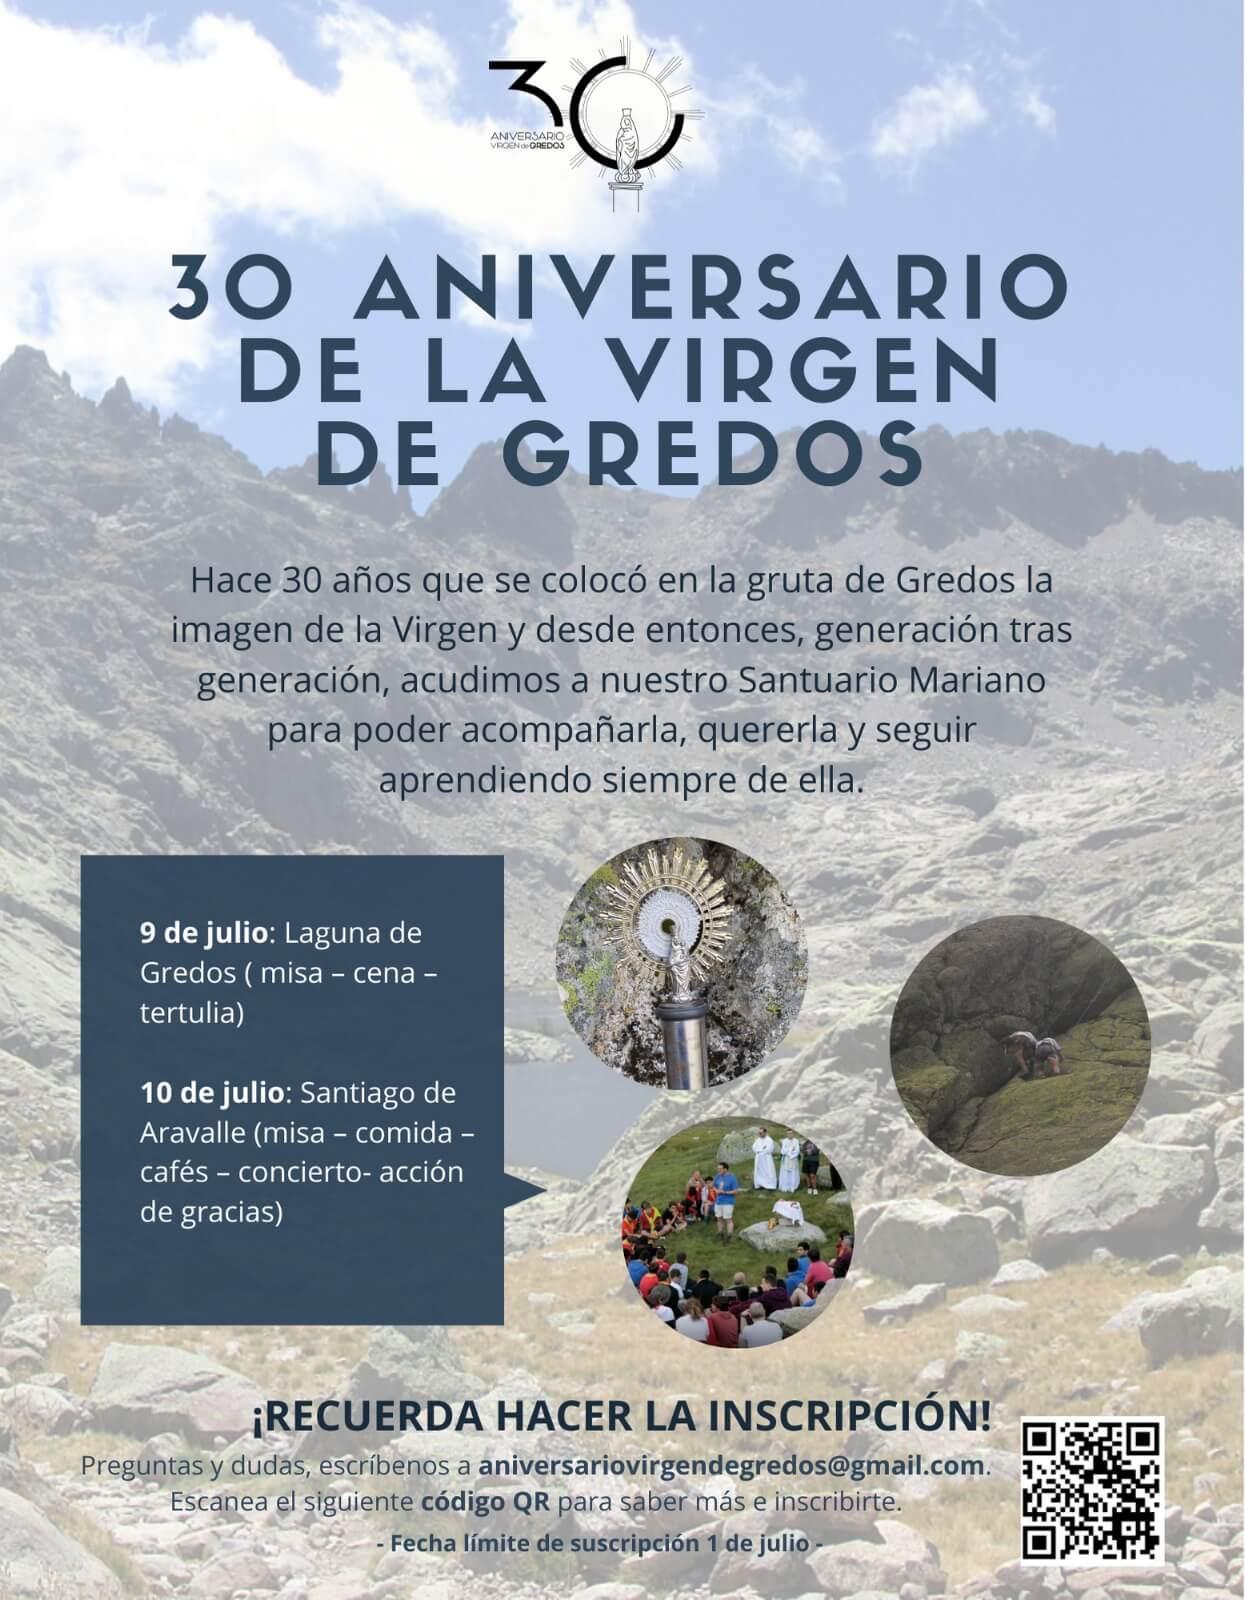 30 aniversario de la Virgen de Gredos